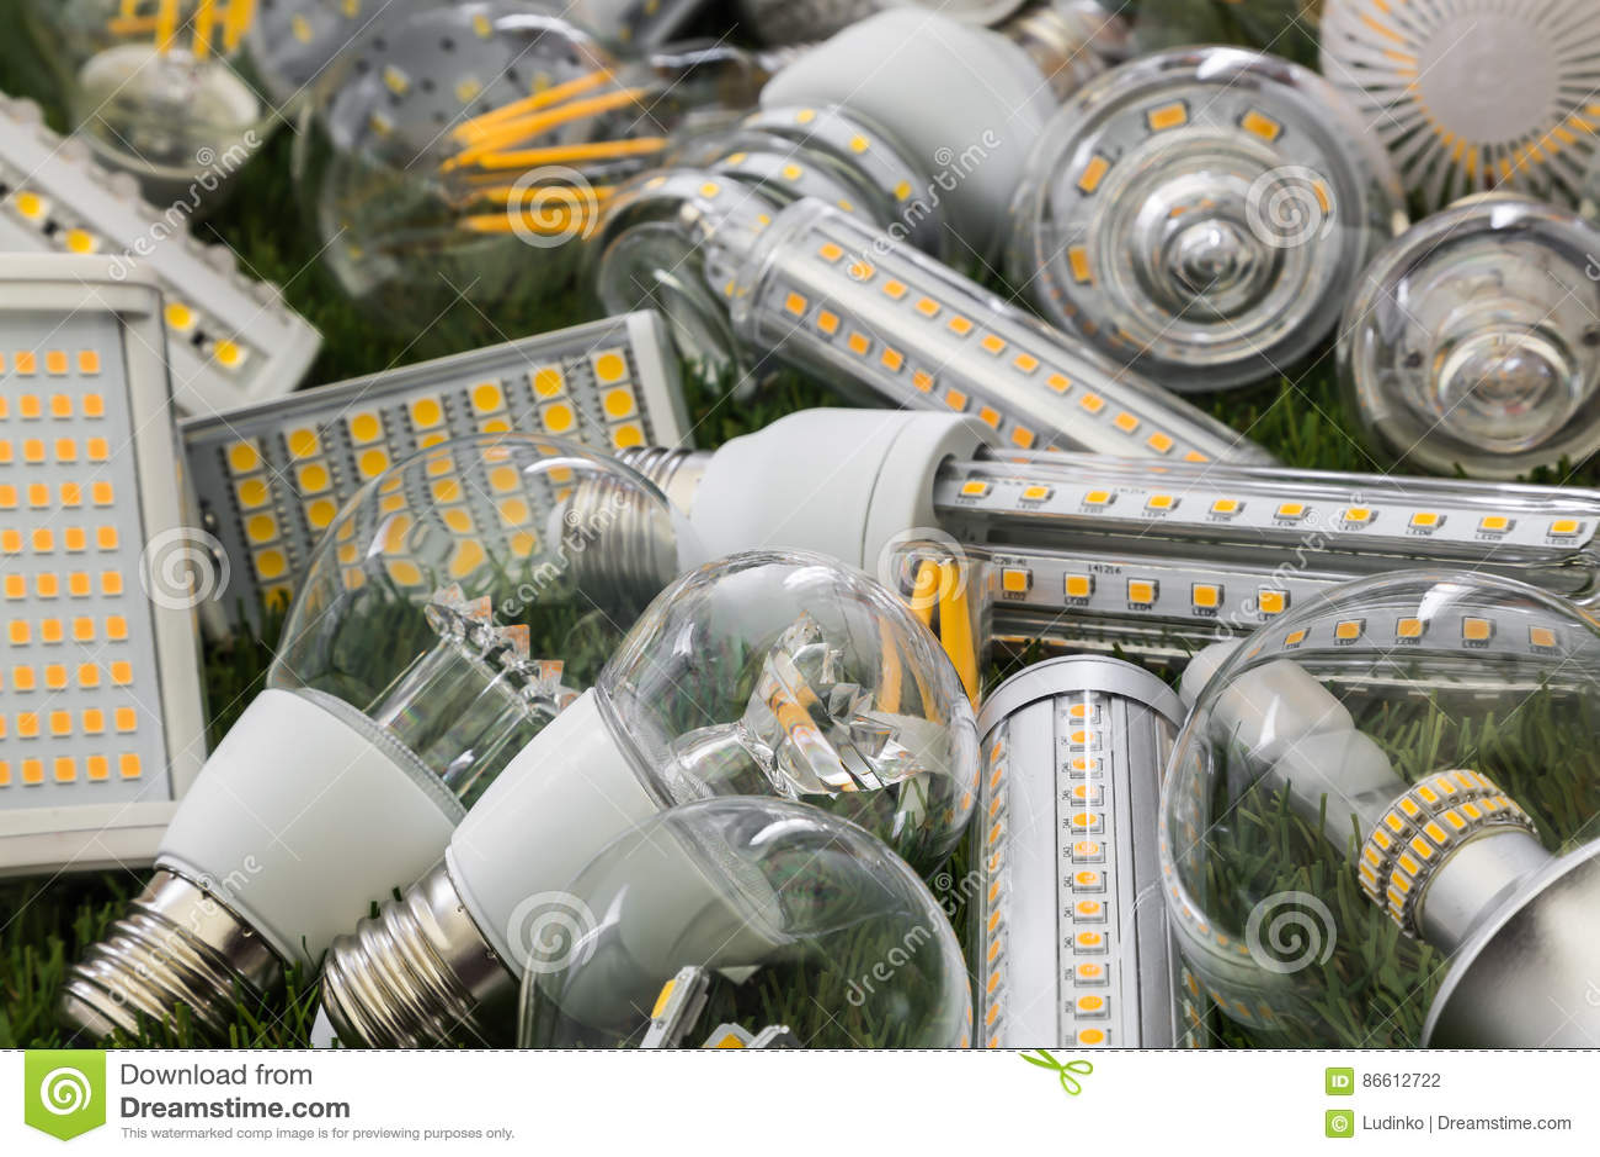 Smd e filamenti delle lampadine ecologiche ed economiche for Lampadine led economiche